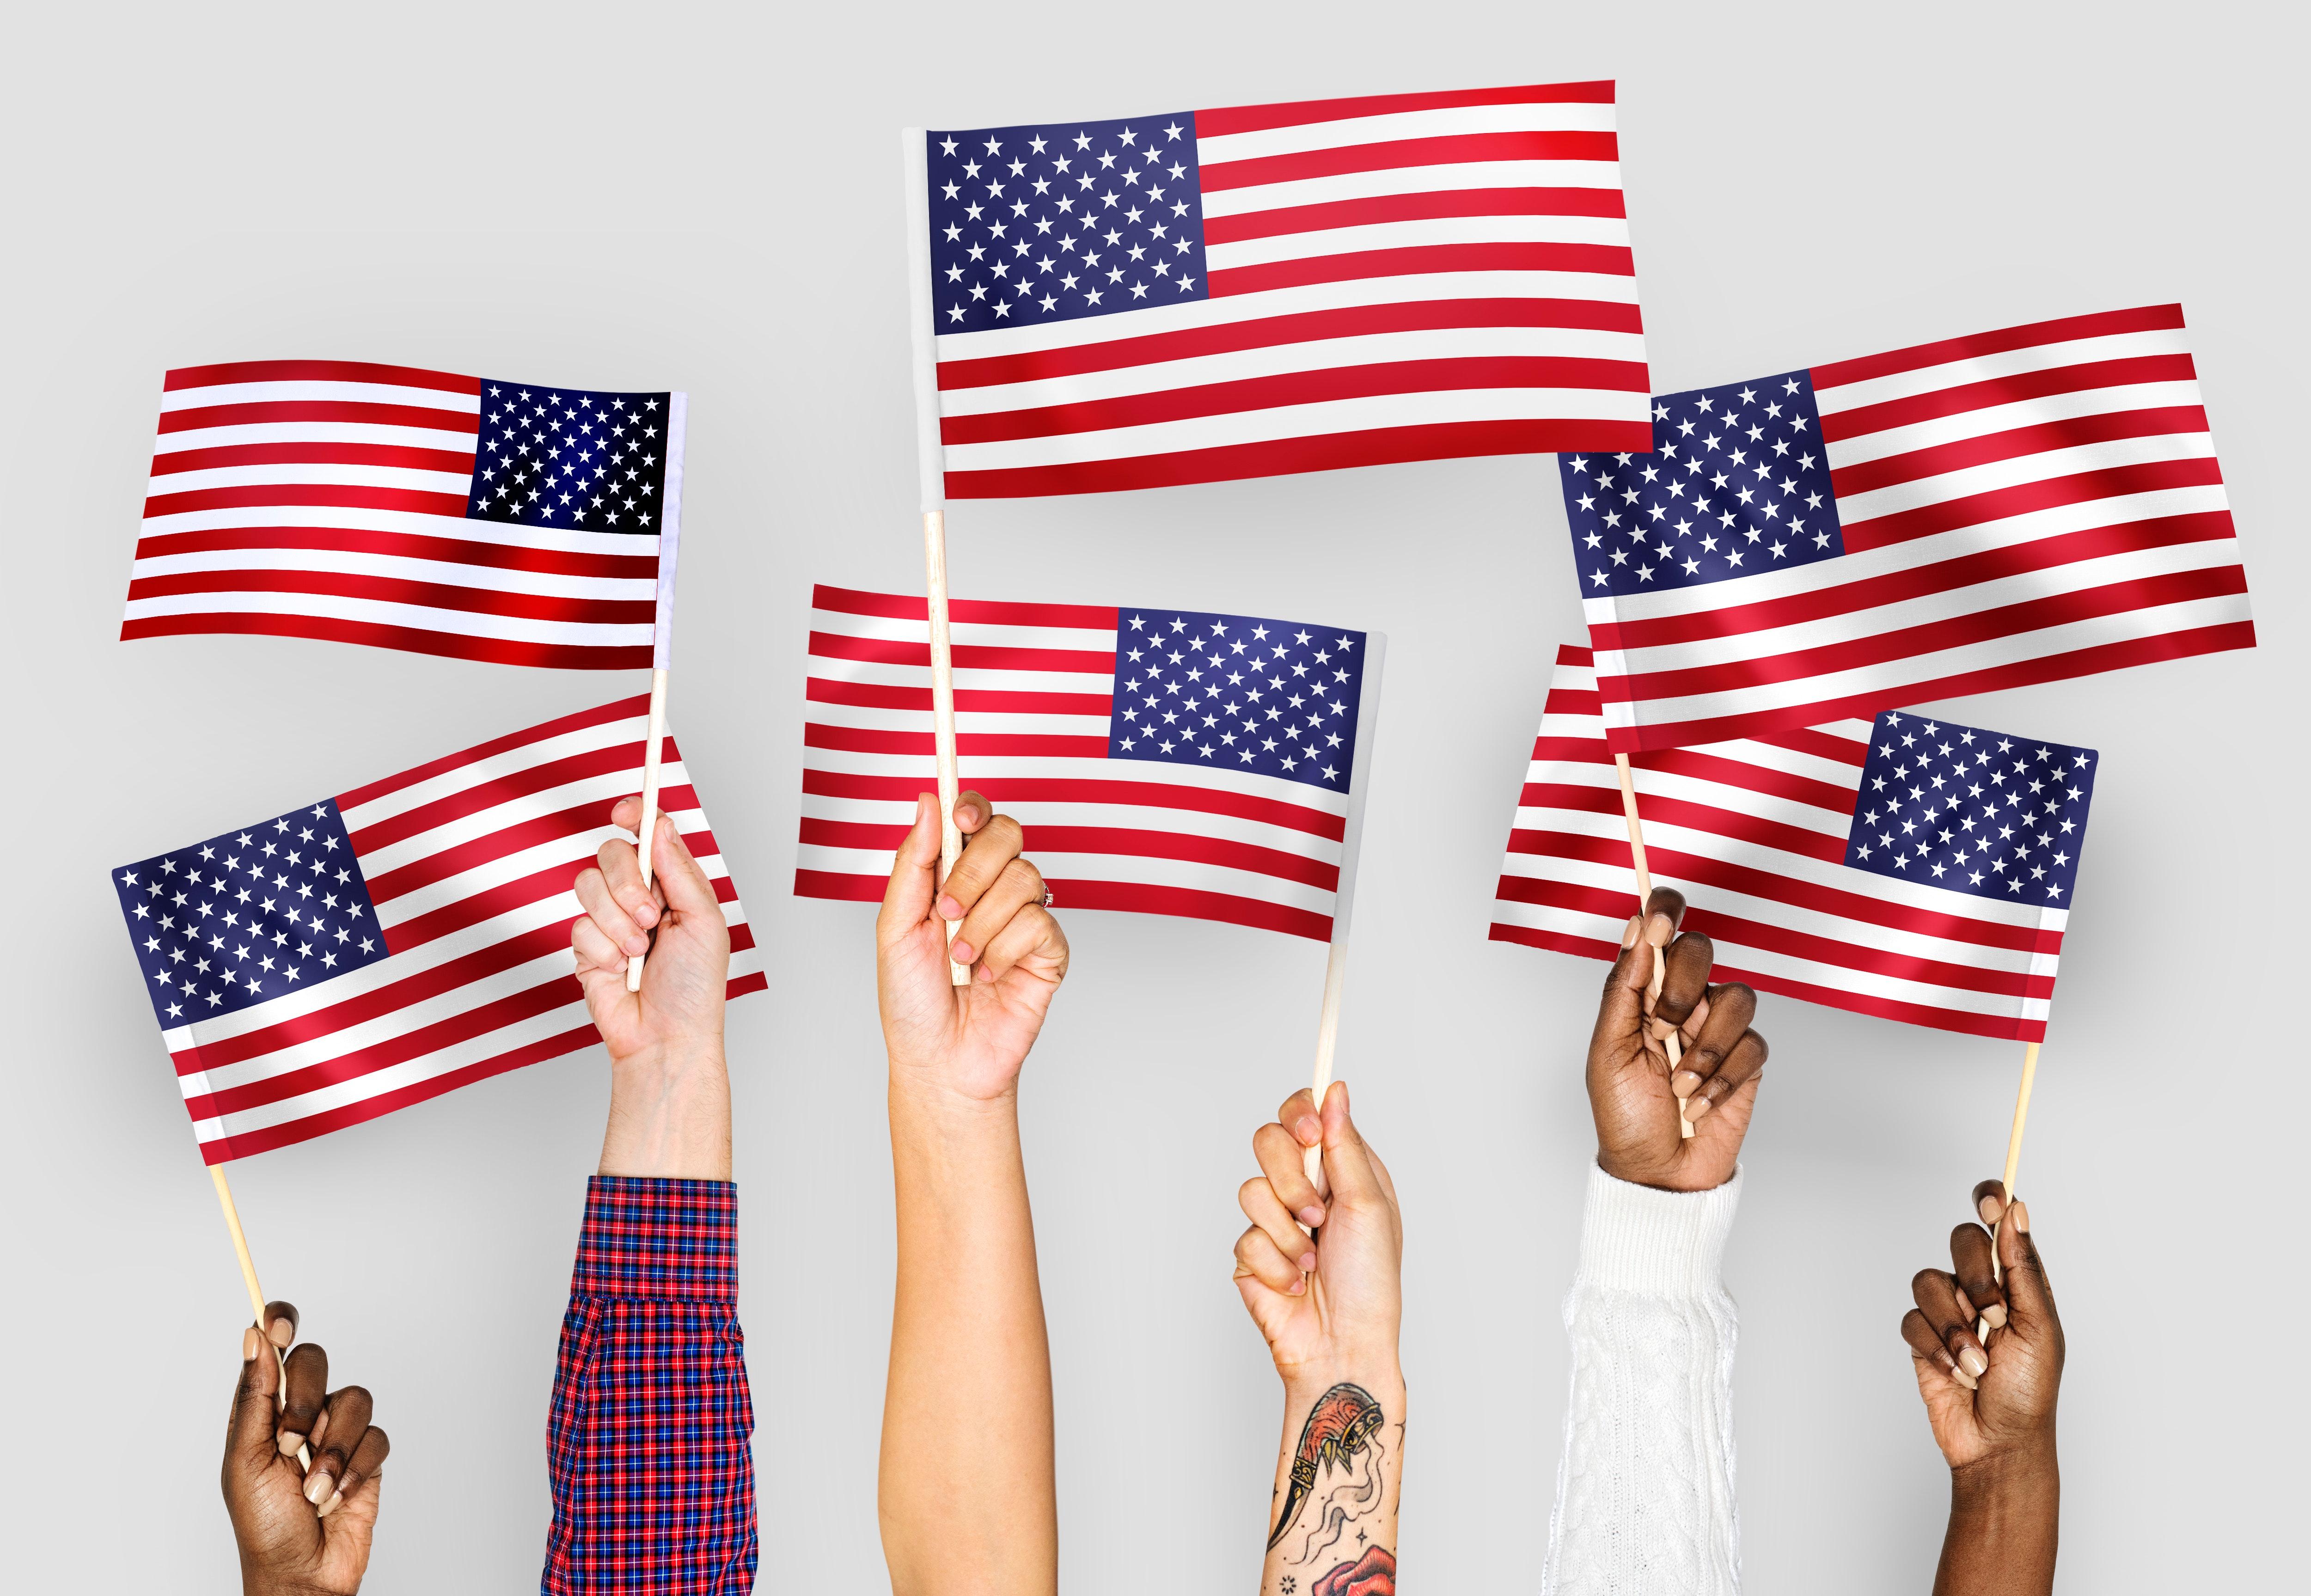 50-stars-america-american-flag-1449057-1